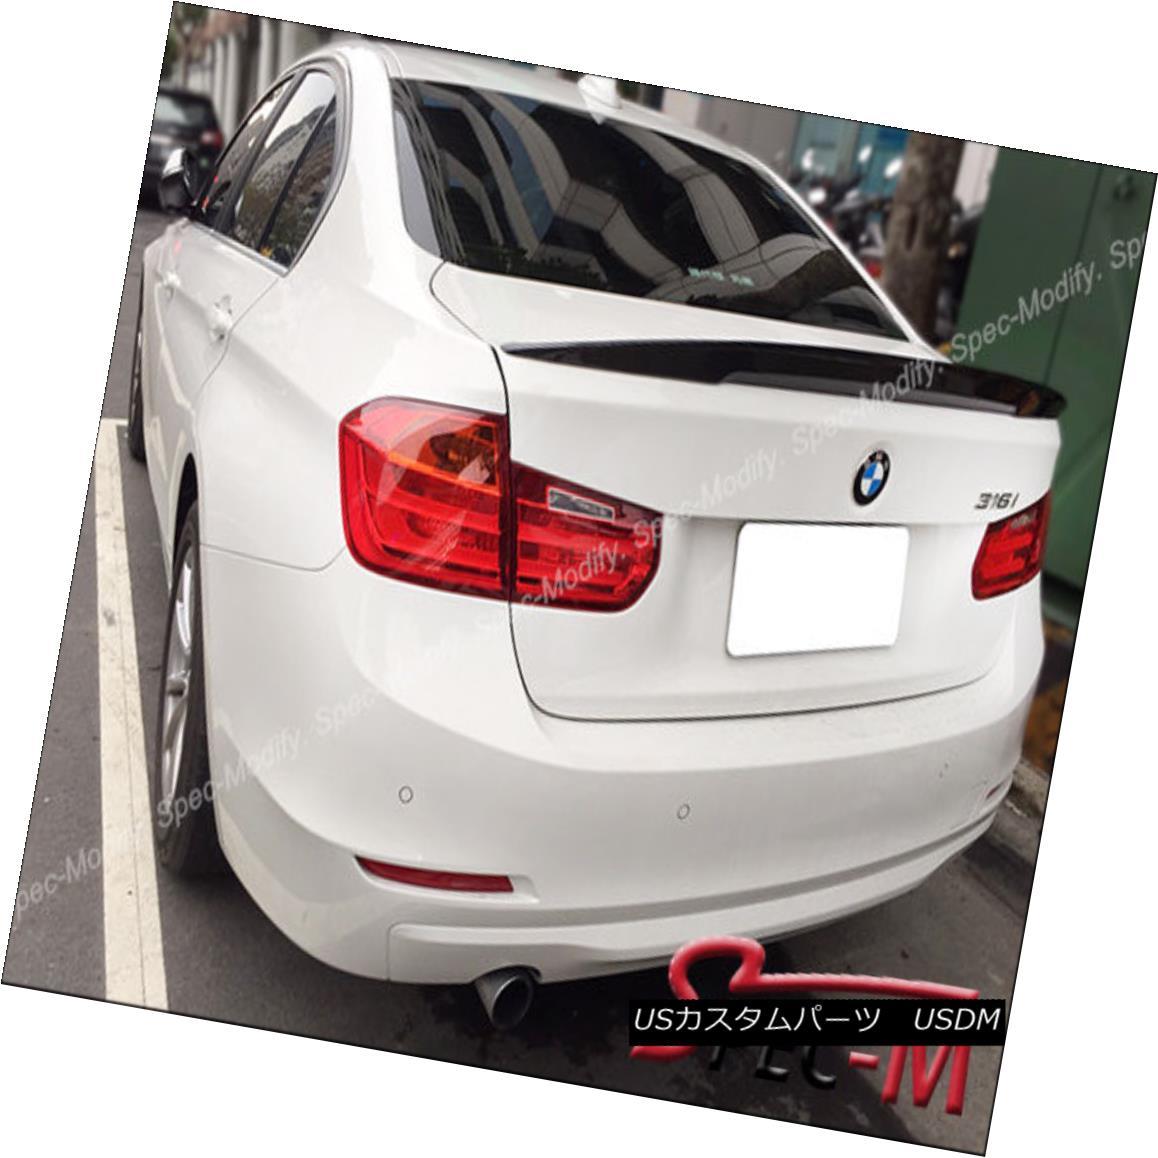 エアロパーツ High Kick Performance II Carbon Fiber Trunk Lip Spoiler For BMW F80 M3 Sedan ハイキックパフォーマンスIIカーボンファイバートランクリップスポイラーfor BMW F80 M3セダン